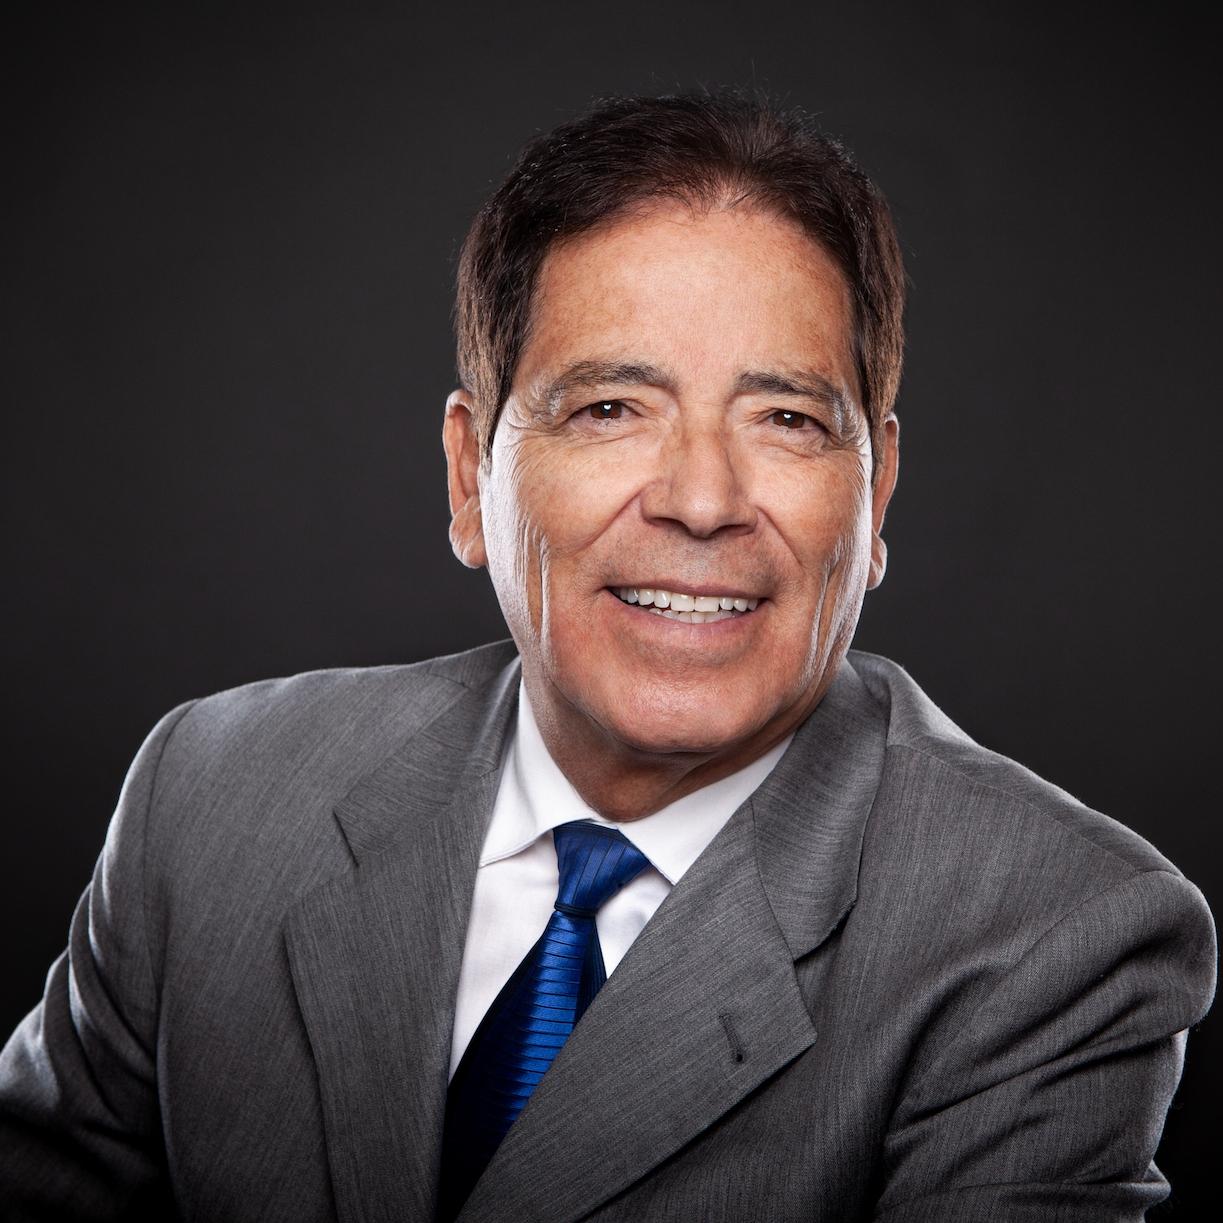 Mr. Edmund Carrasco, CEO & Founder